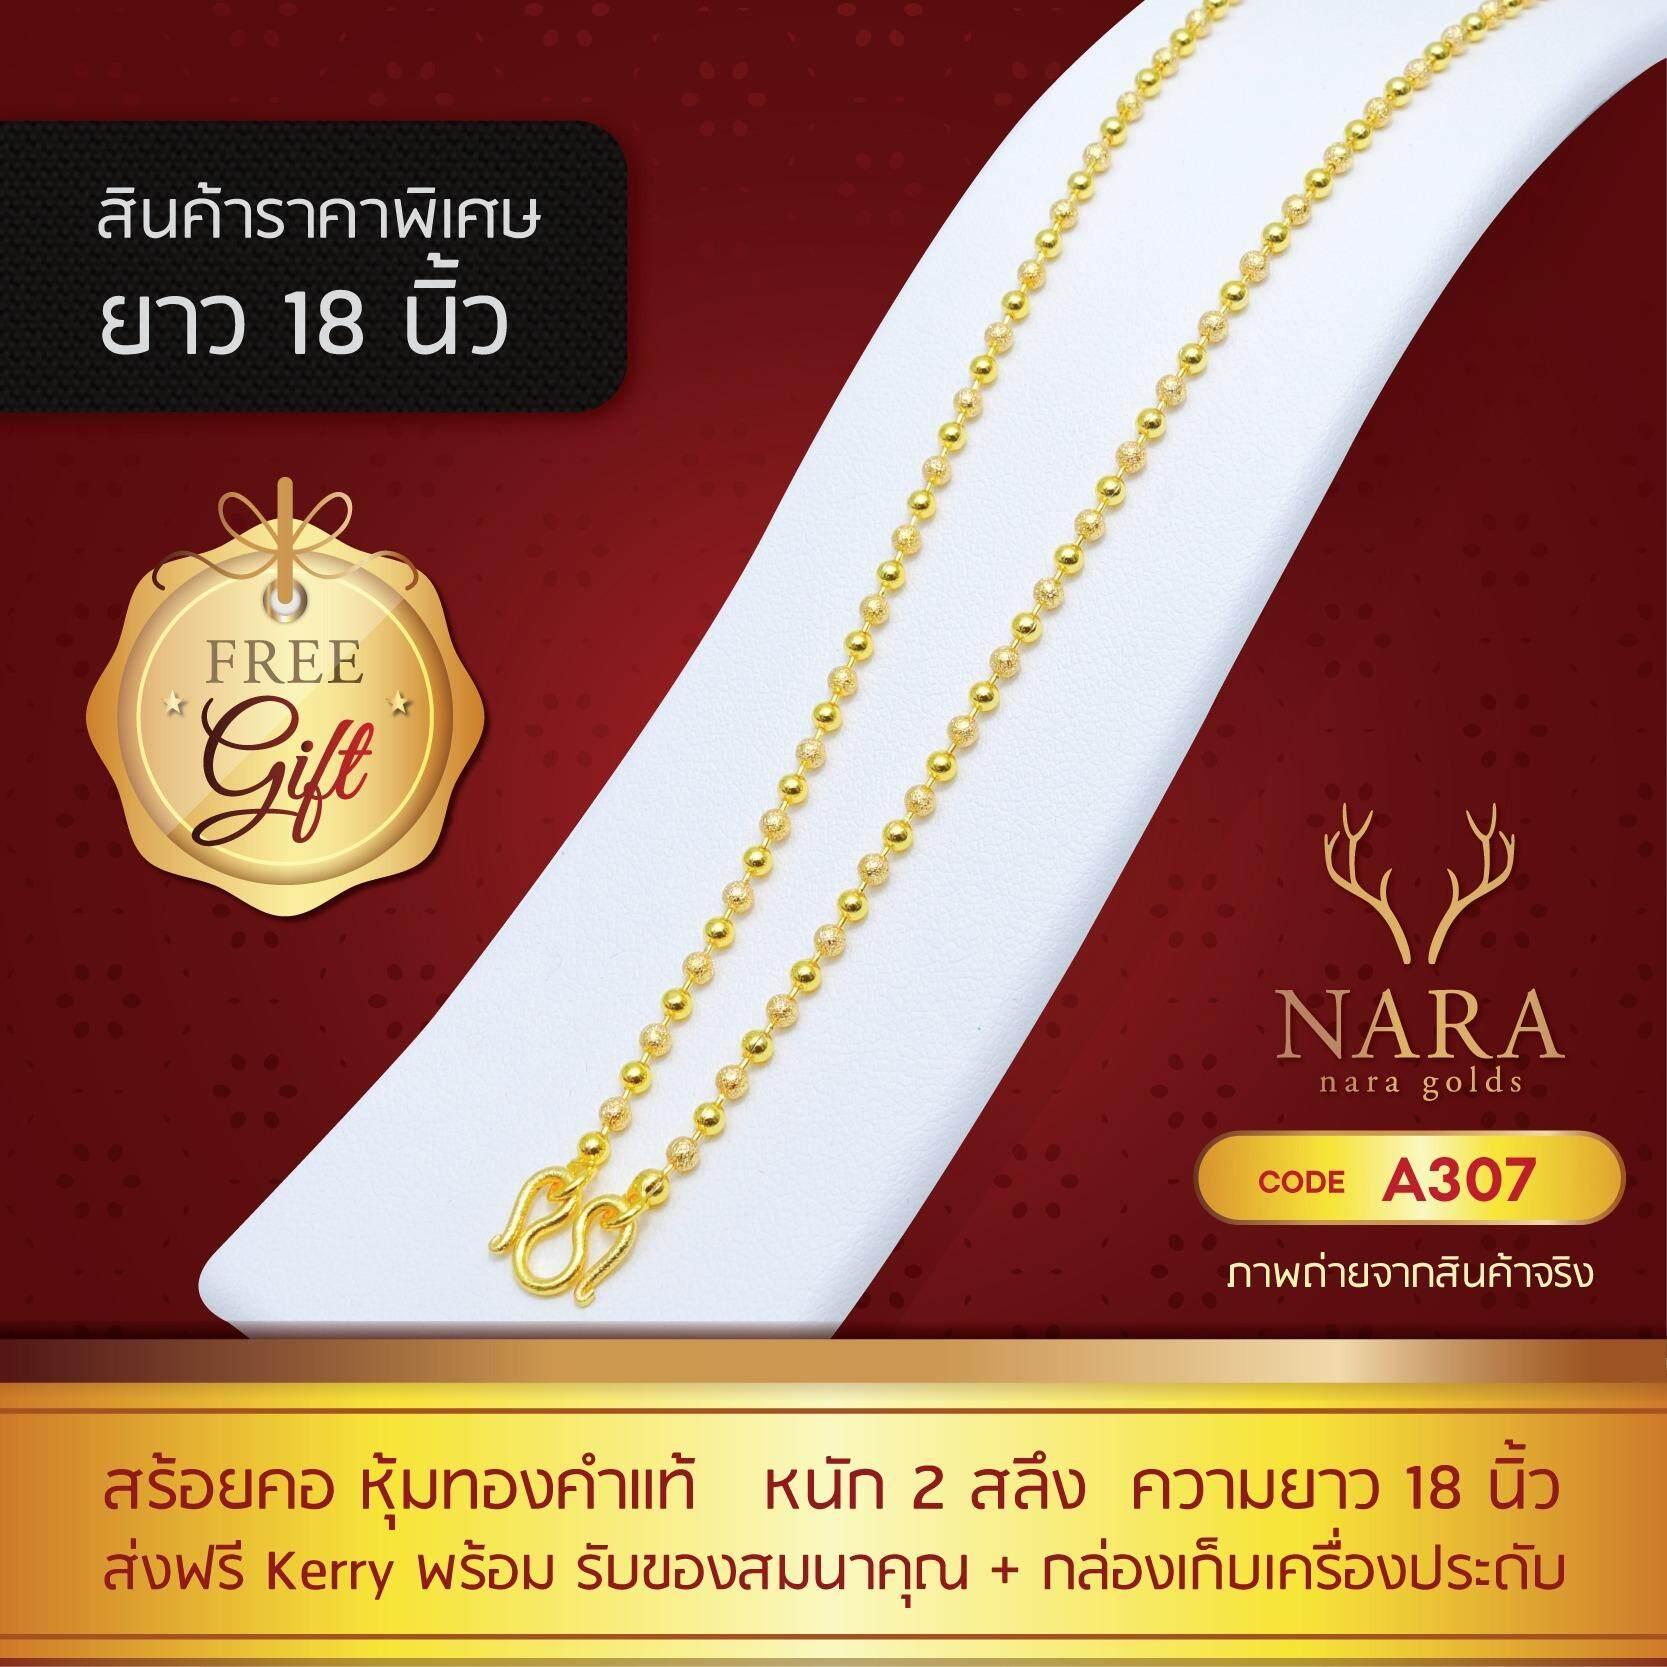 (ฟรี จี้ทอง ฝังเพชร CZ มูลค่า 290 บาท) สร้อยคอ หุ้มทองคำแท้ จาก นารา โกลด์ หนัก 2 สลึง  ความยาว 18 นิ้ว  ดีไซน์สวย คงทน เหมือนงานแท้ รุ่น A307